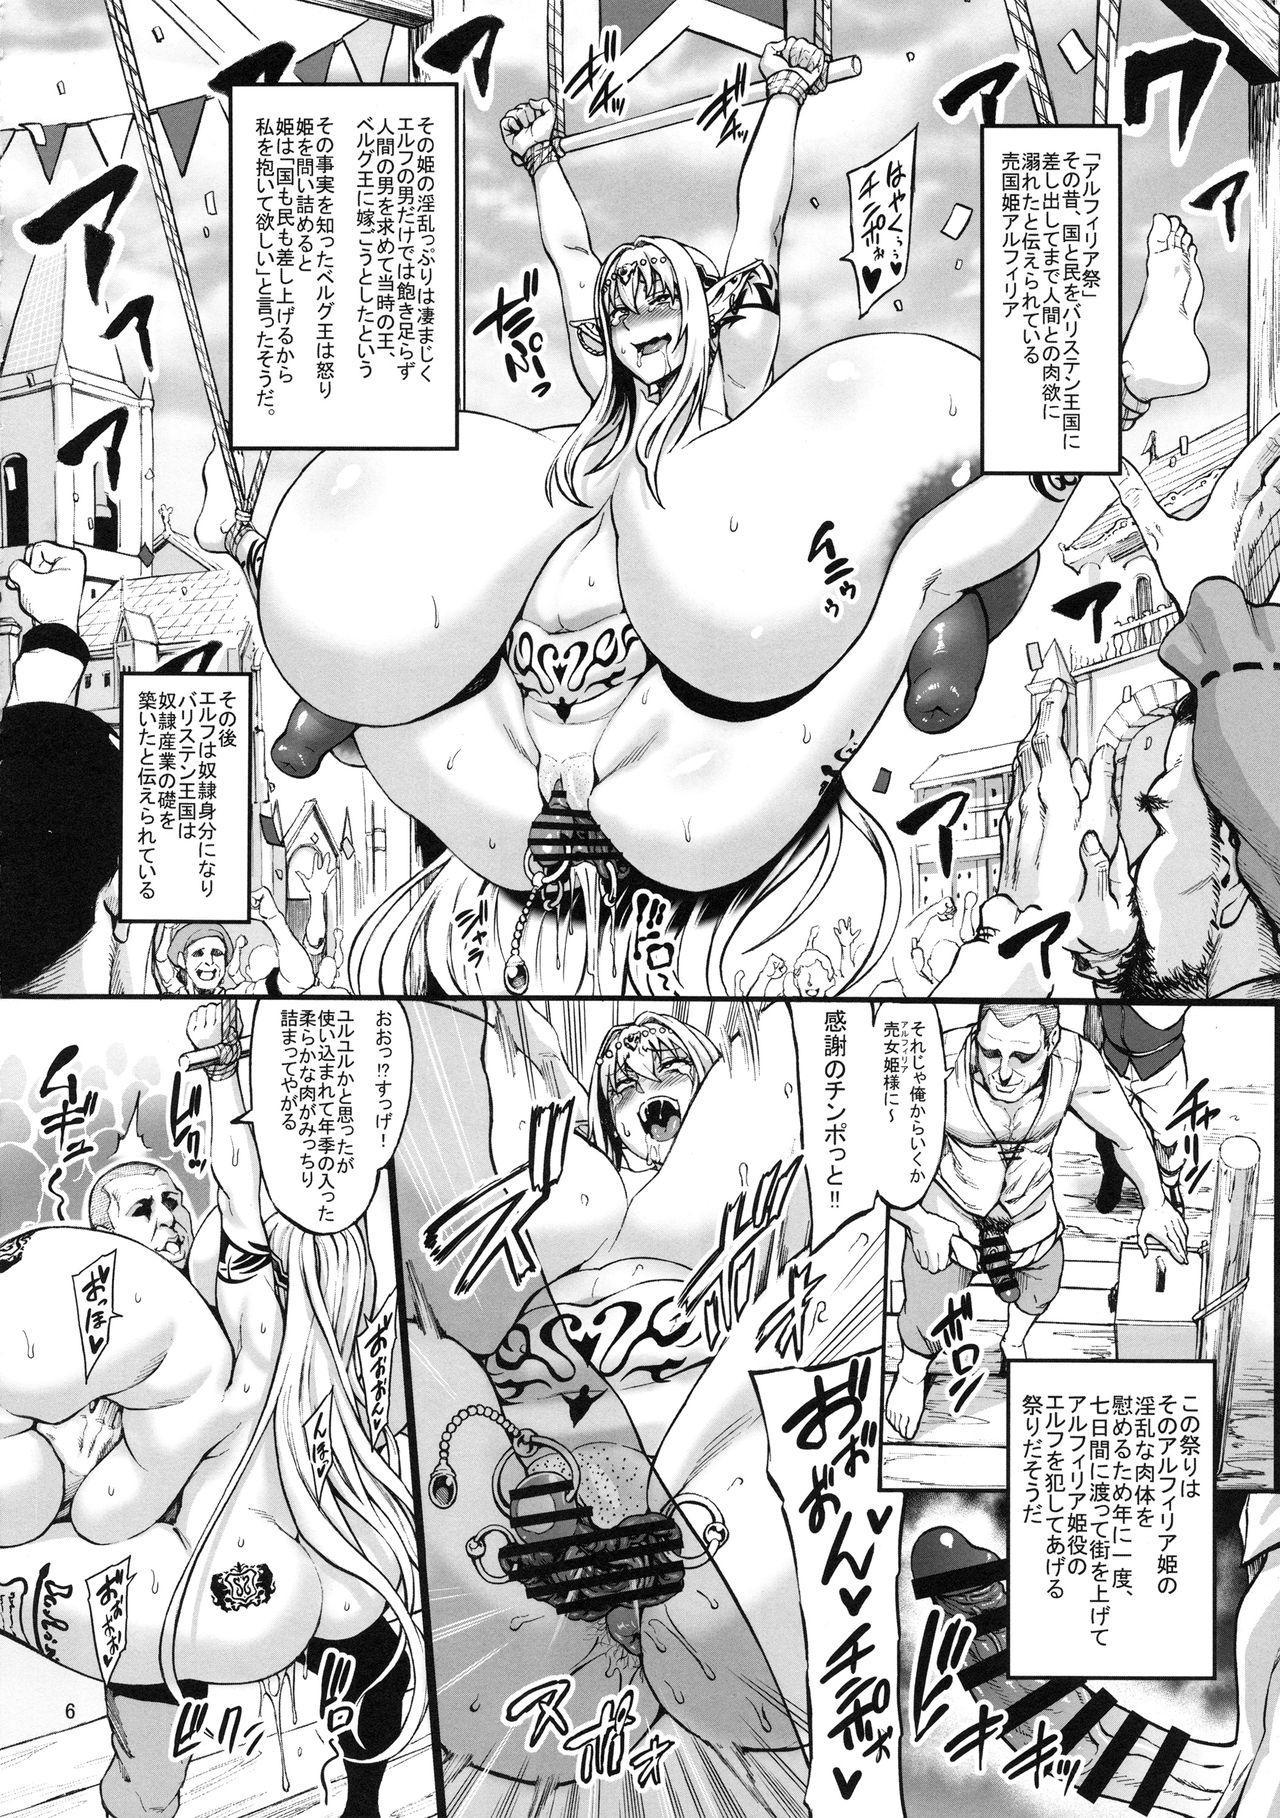 Houjou no Reizoku Elf 5 + Omake no Matome Sono 2 6